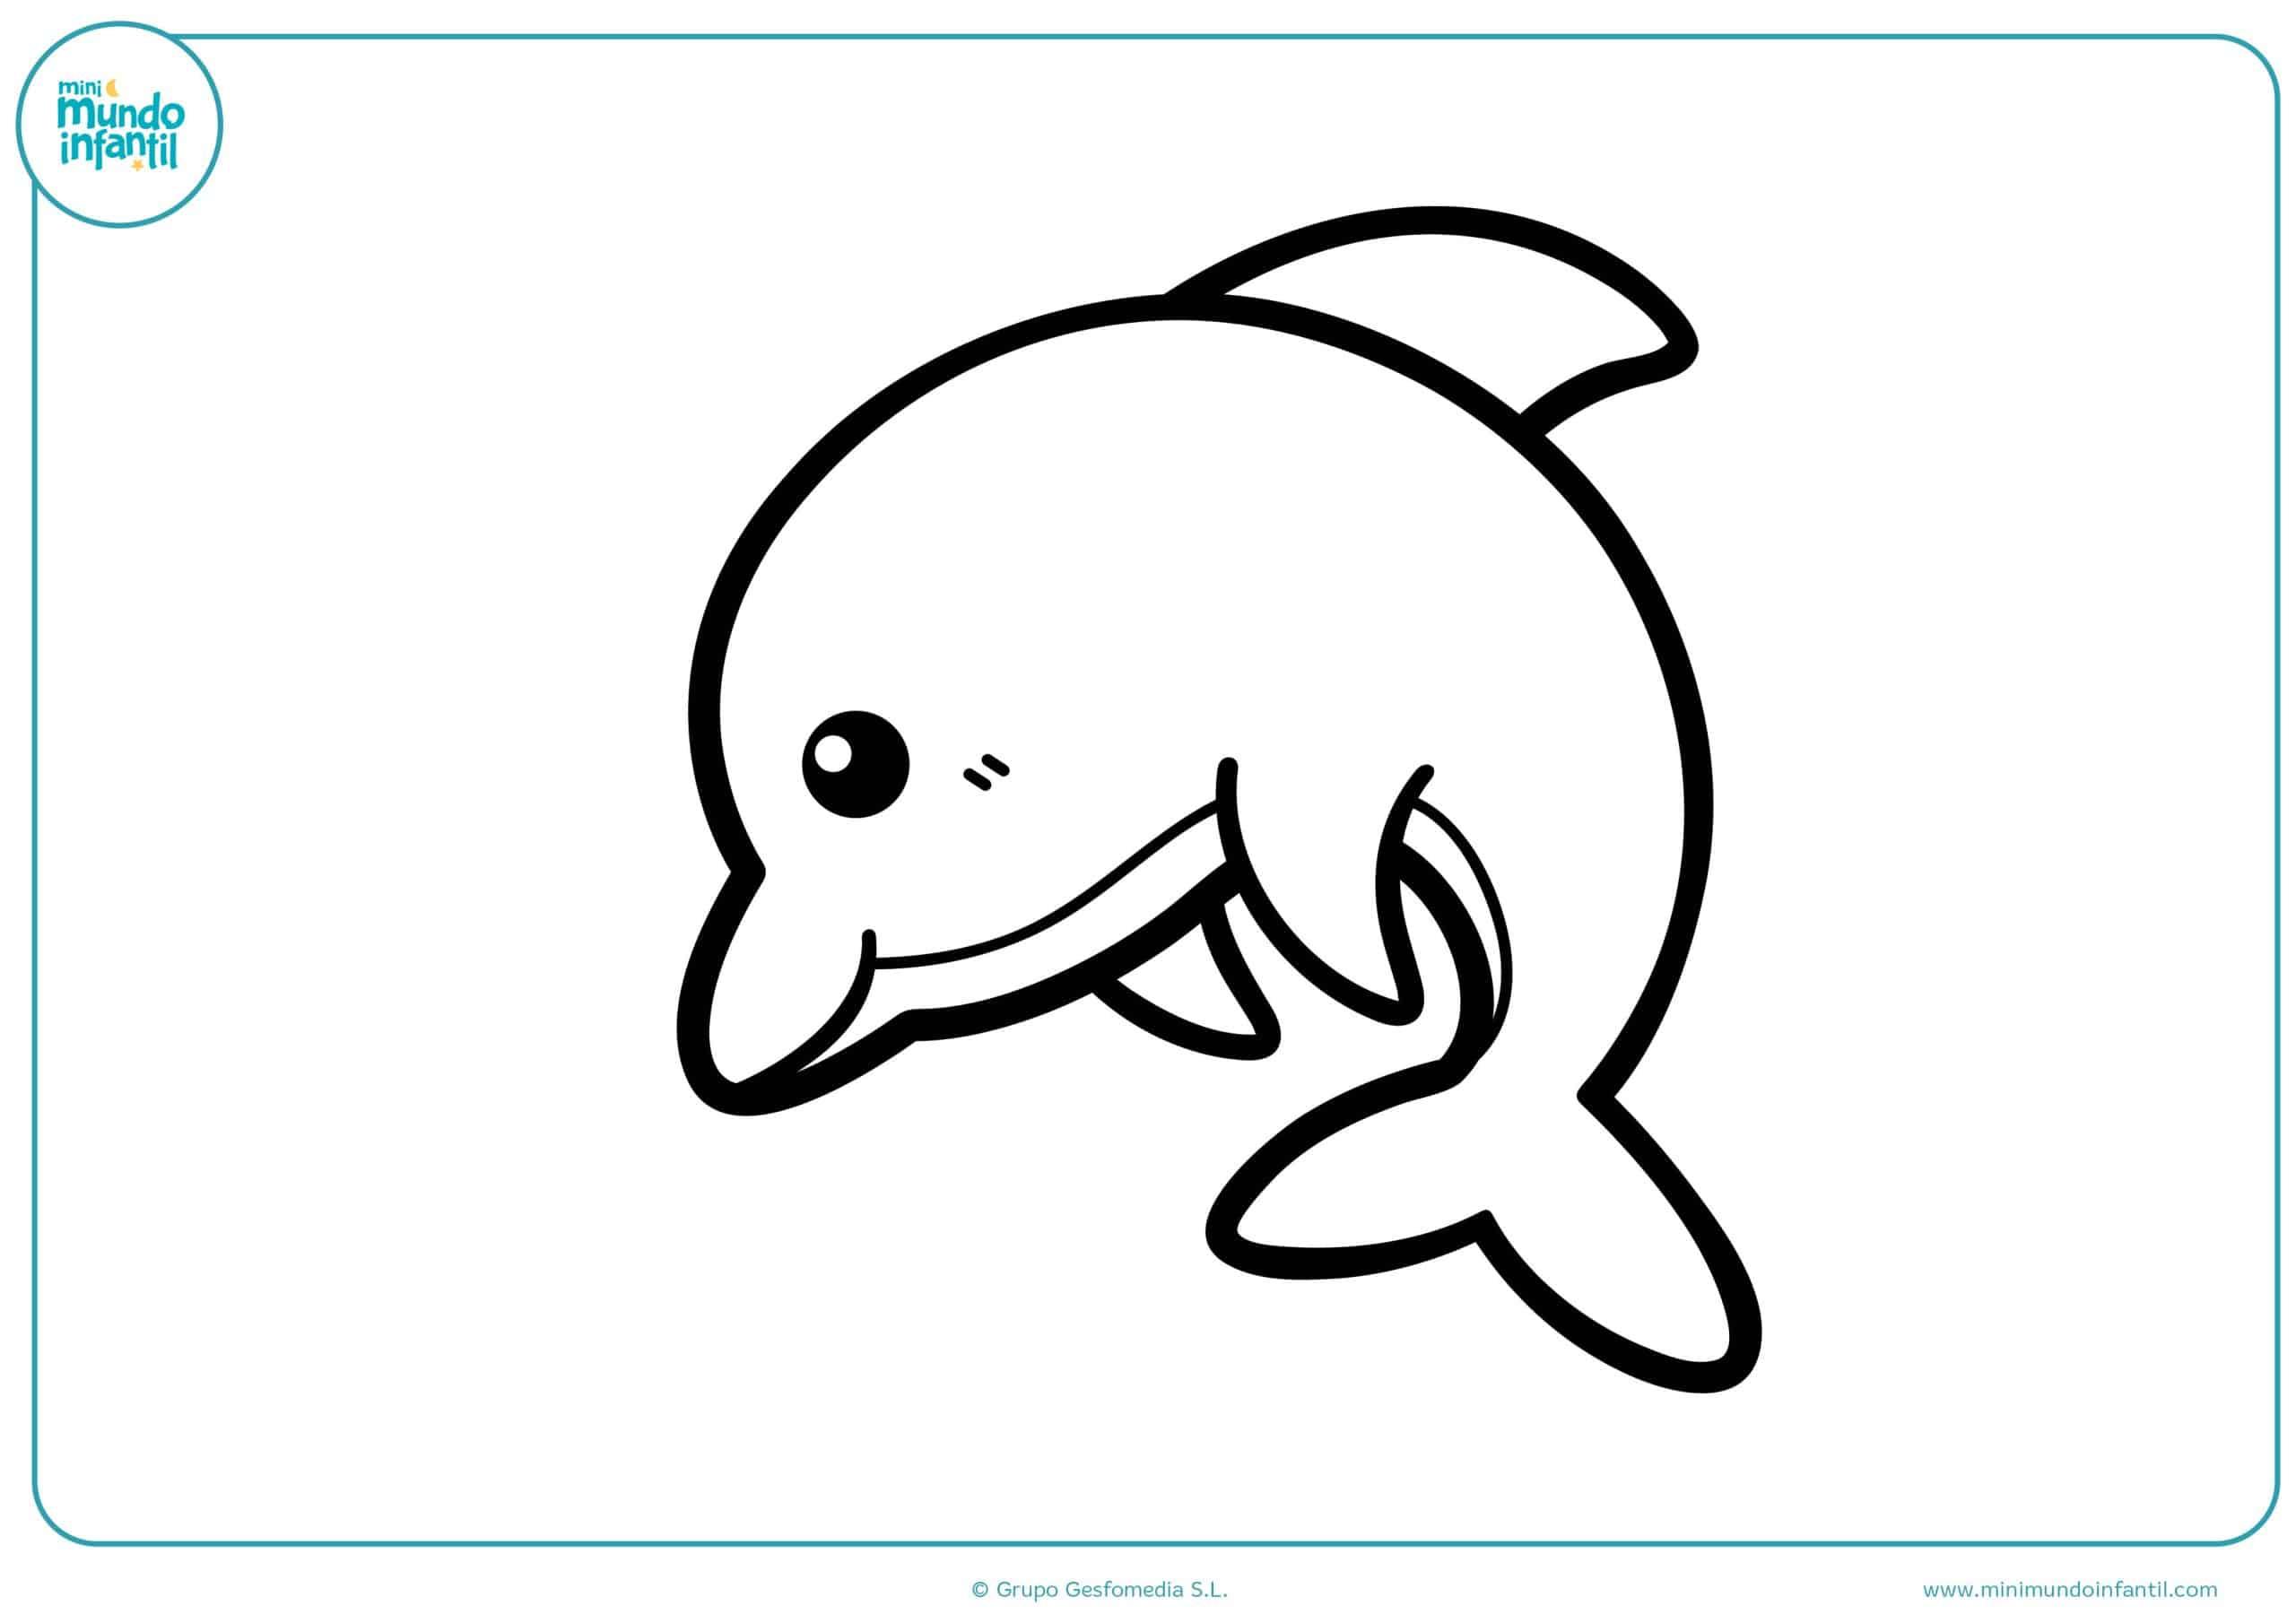 Dibujos de delfines para colorear - Mundo Primaria